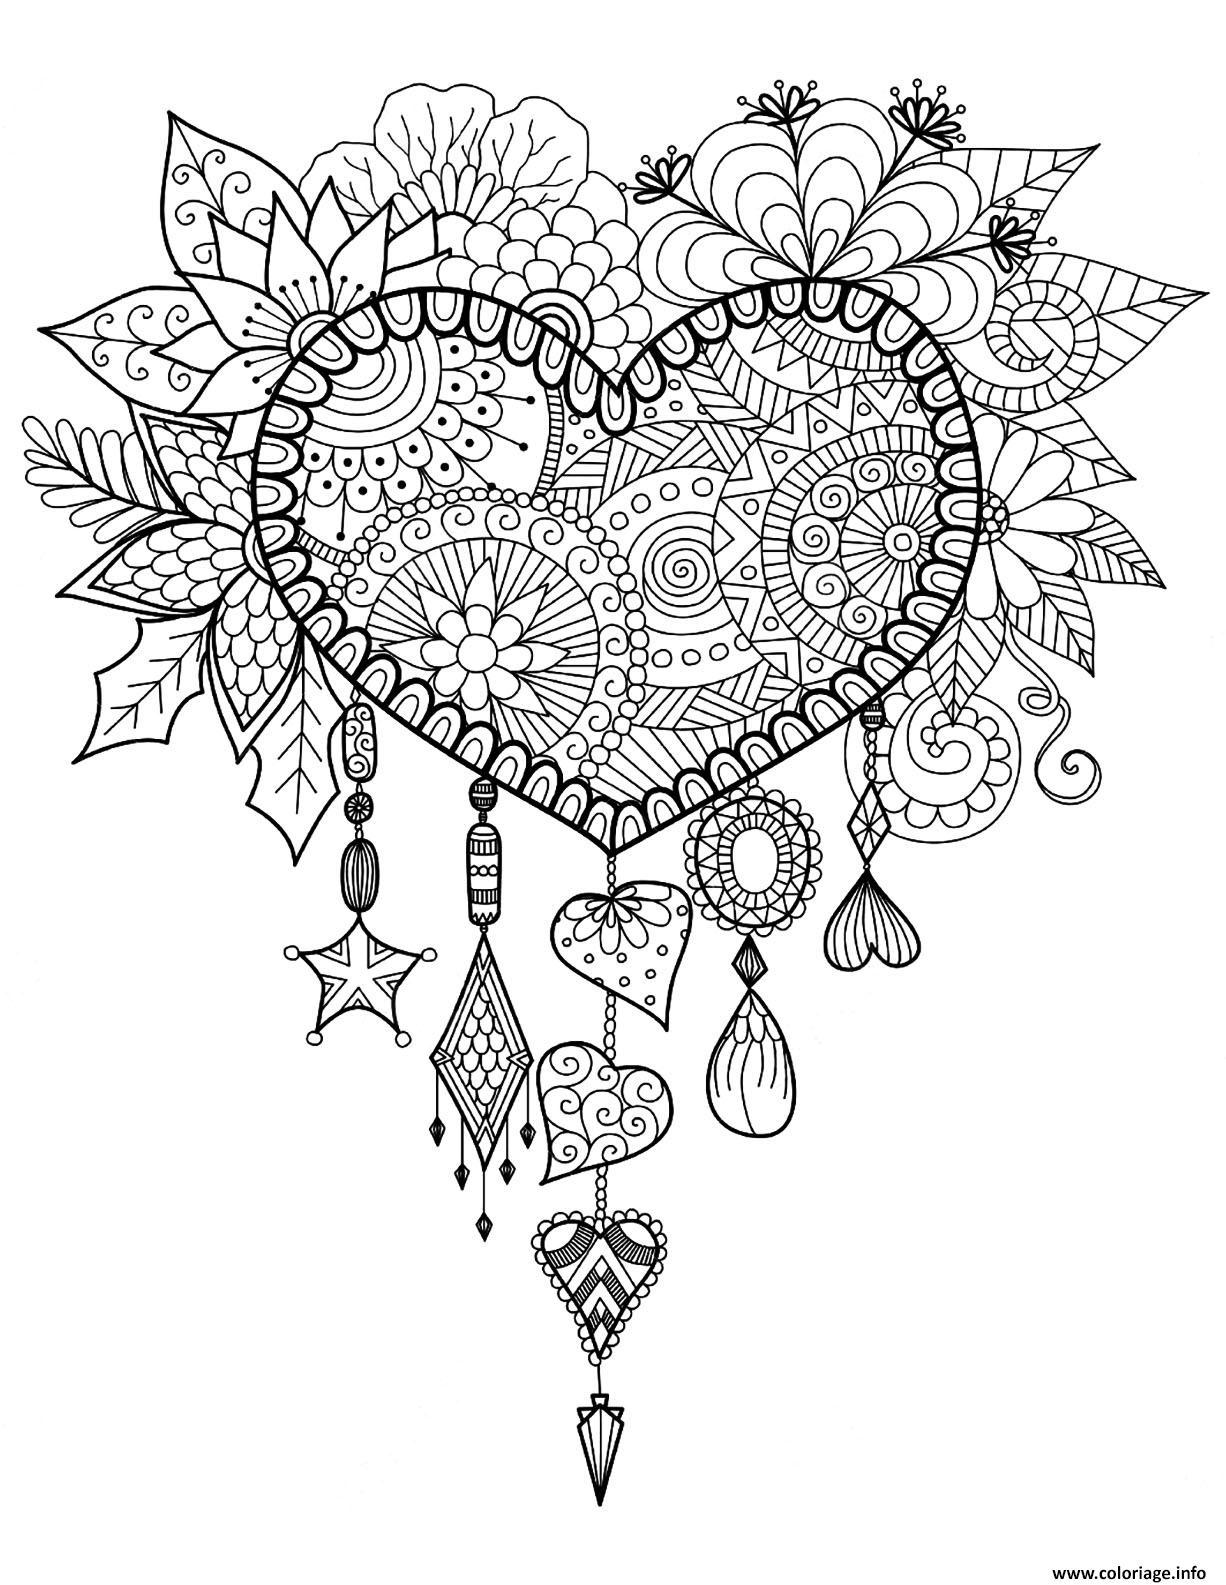 Coloriage Adulte Attrape Reve Coeur Mandala Zen Dessin encequiconcerne Image Zen A Imprimer